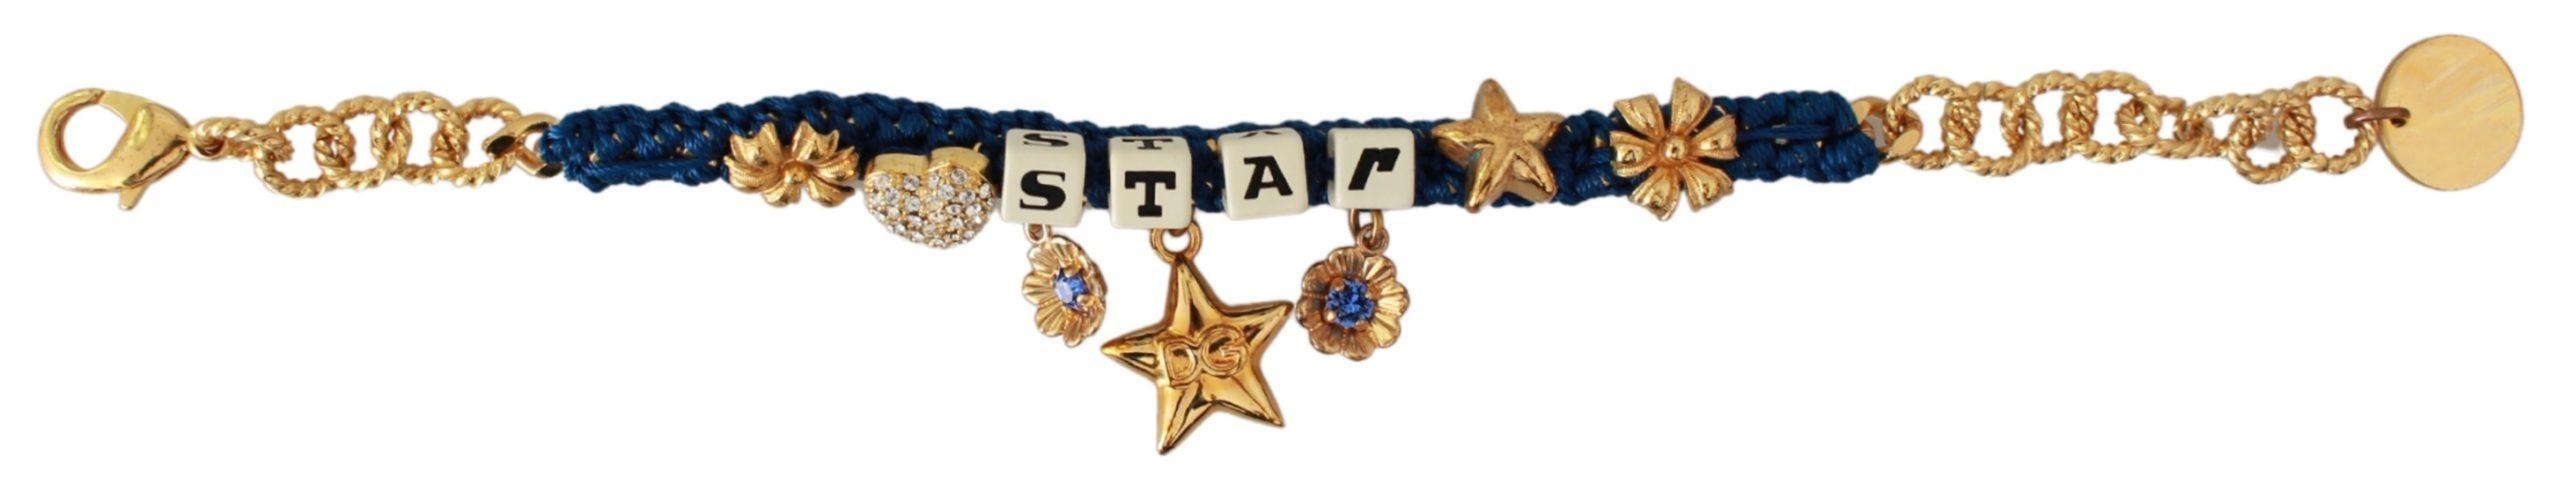 Dolce & Gabbana Women's STAR Crystal Floral Charms Bracelet Gold SMY7120